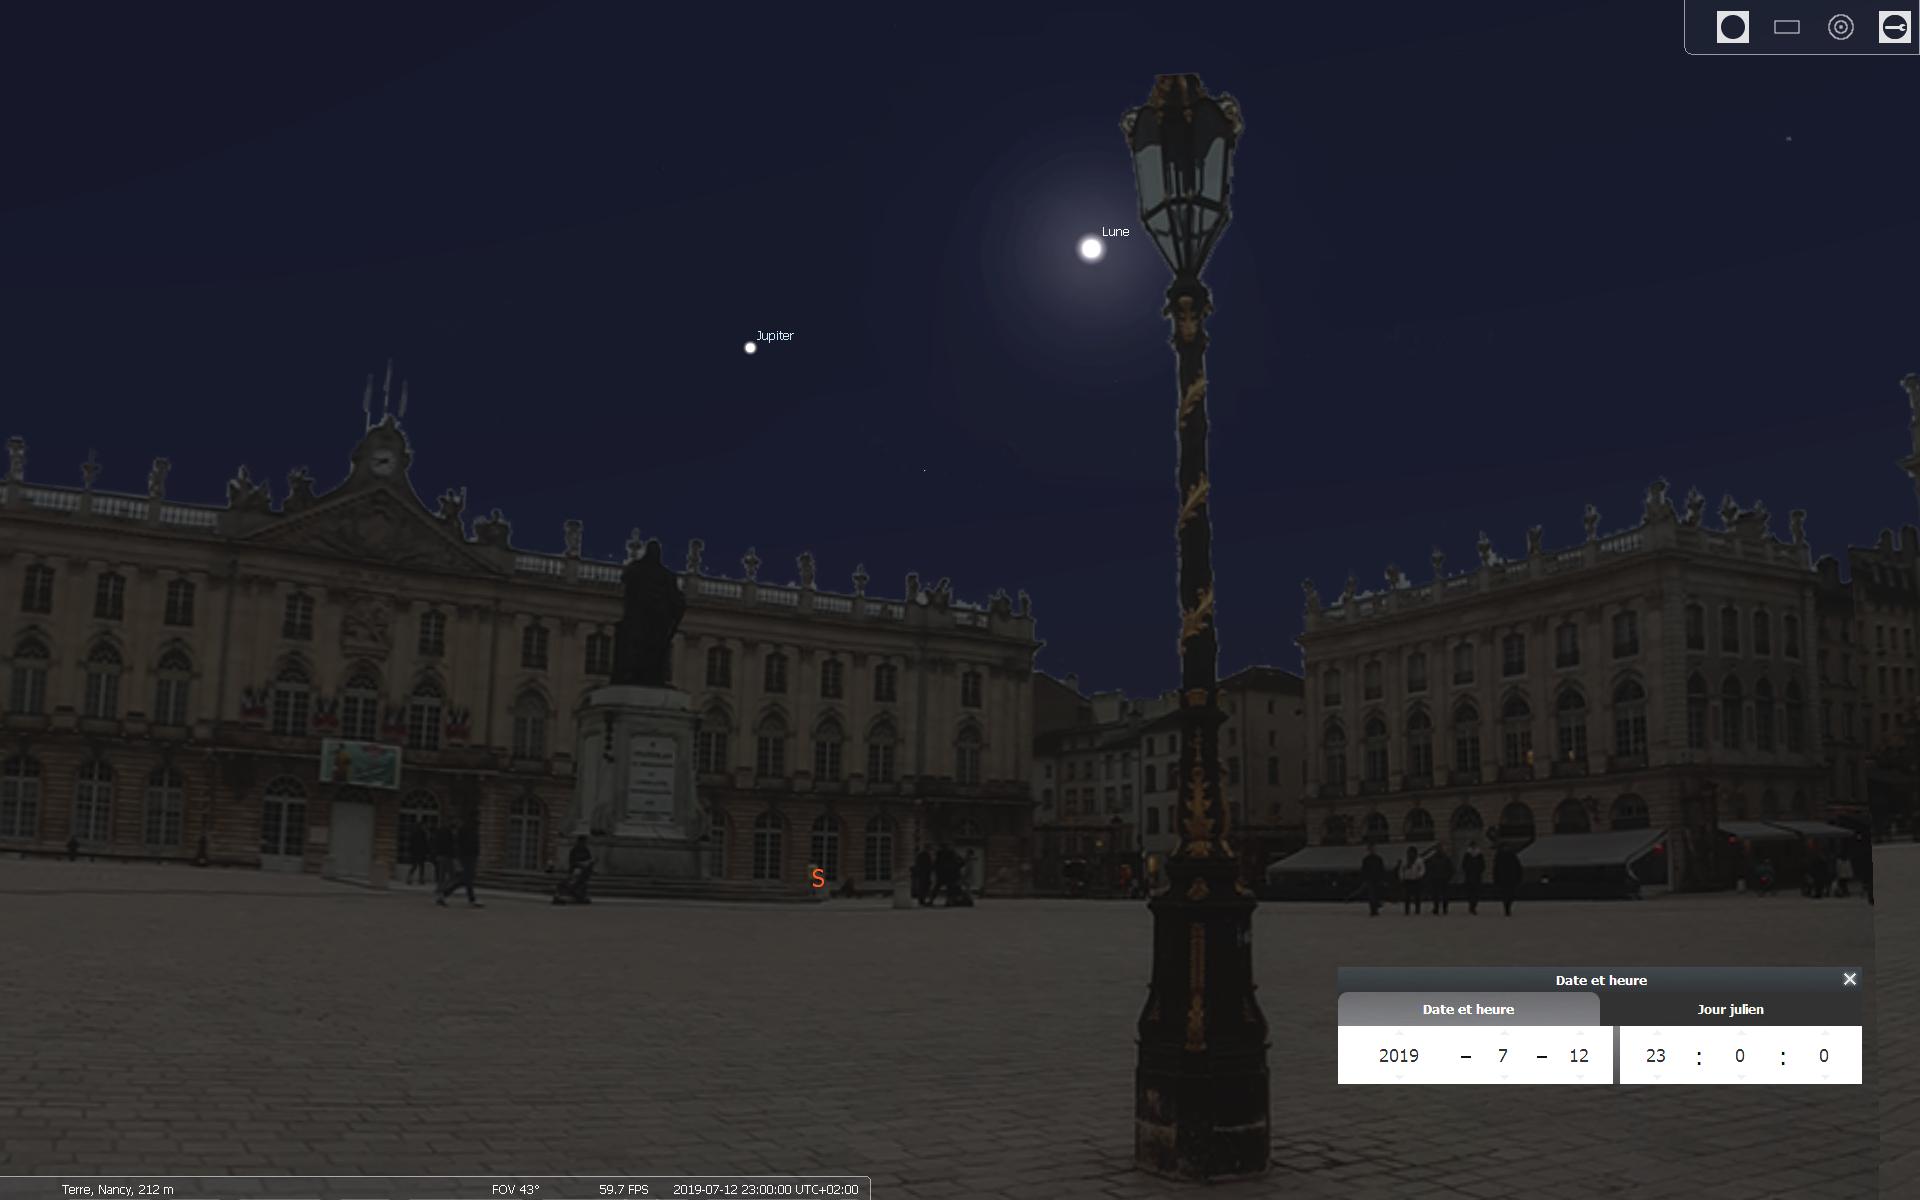 Le ciel que nous devrions voir depuis la place Stan le 12 juillet 2019 - Simulation avec le logiciel Stellarium